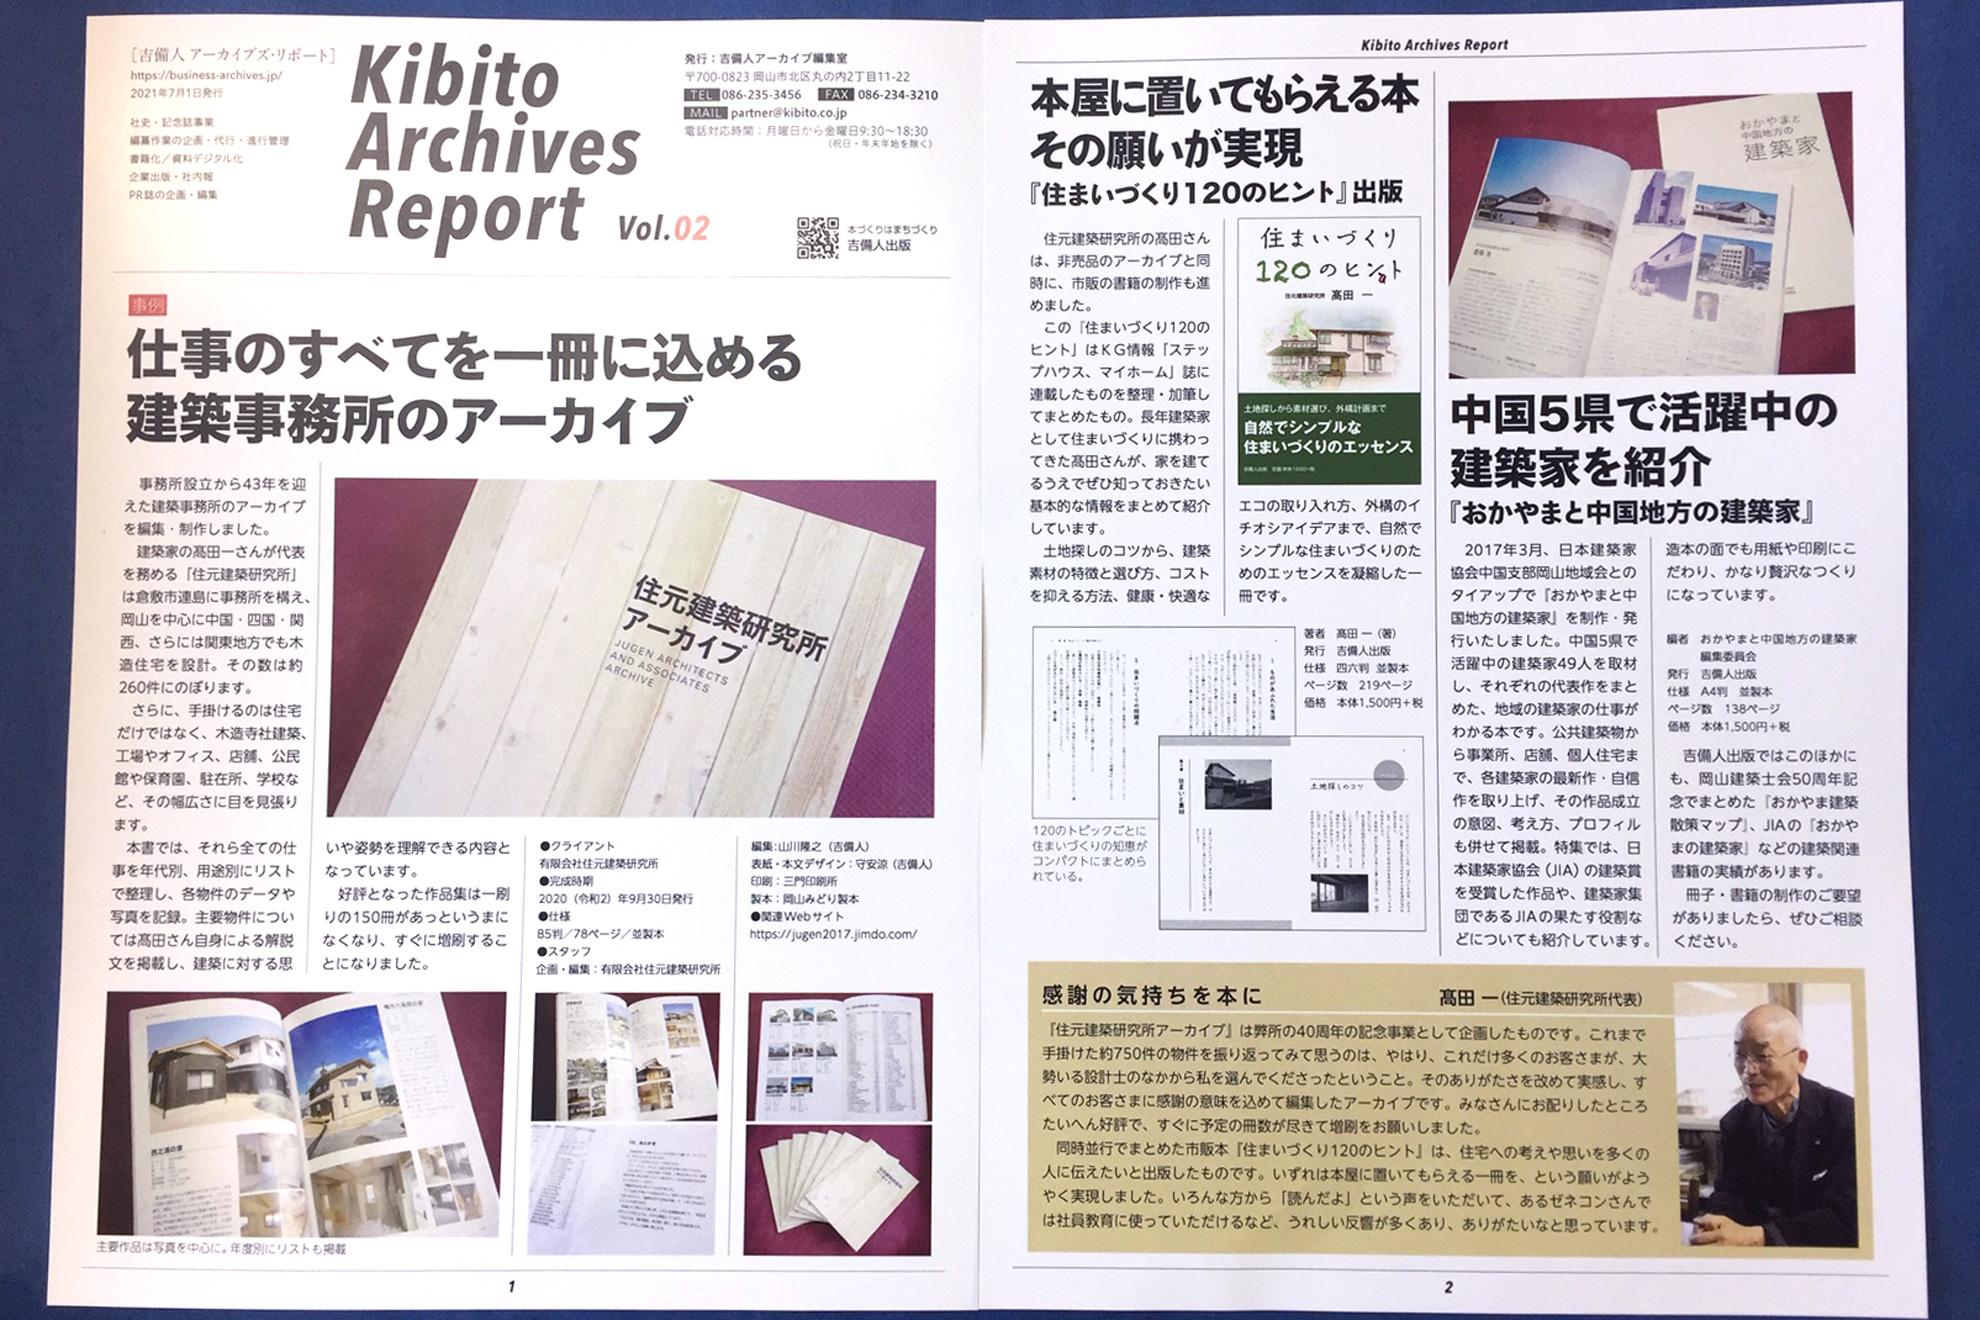 Kibito Archives Report vol.2